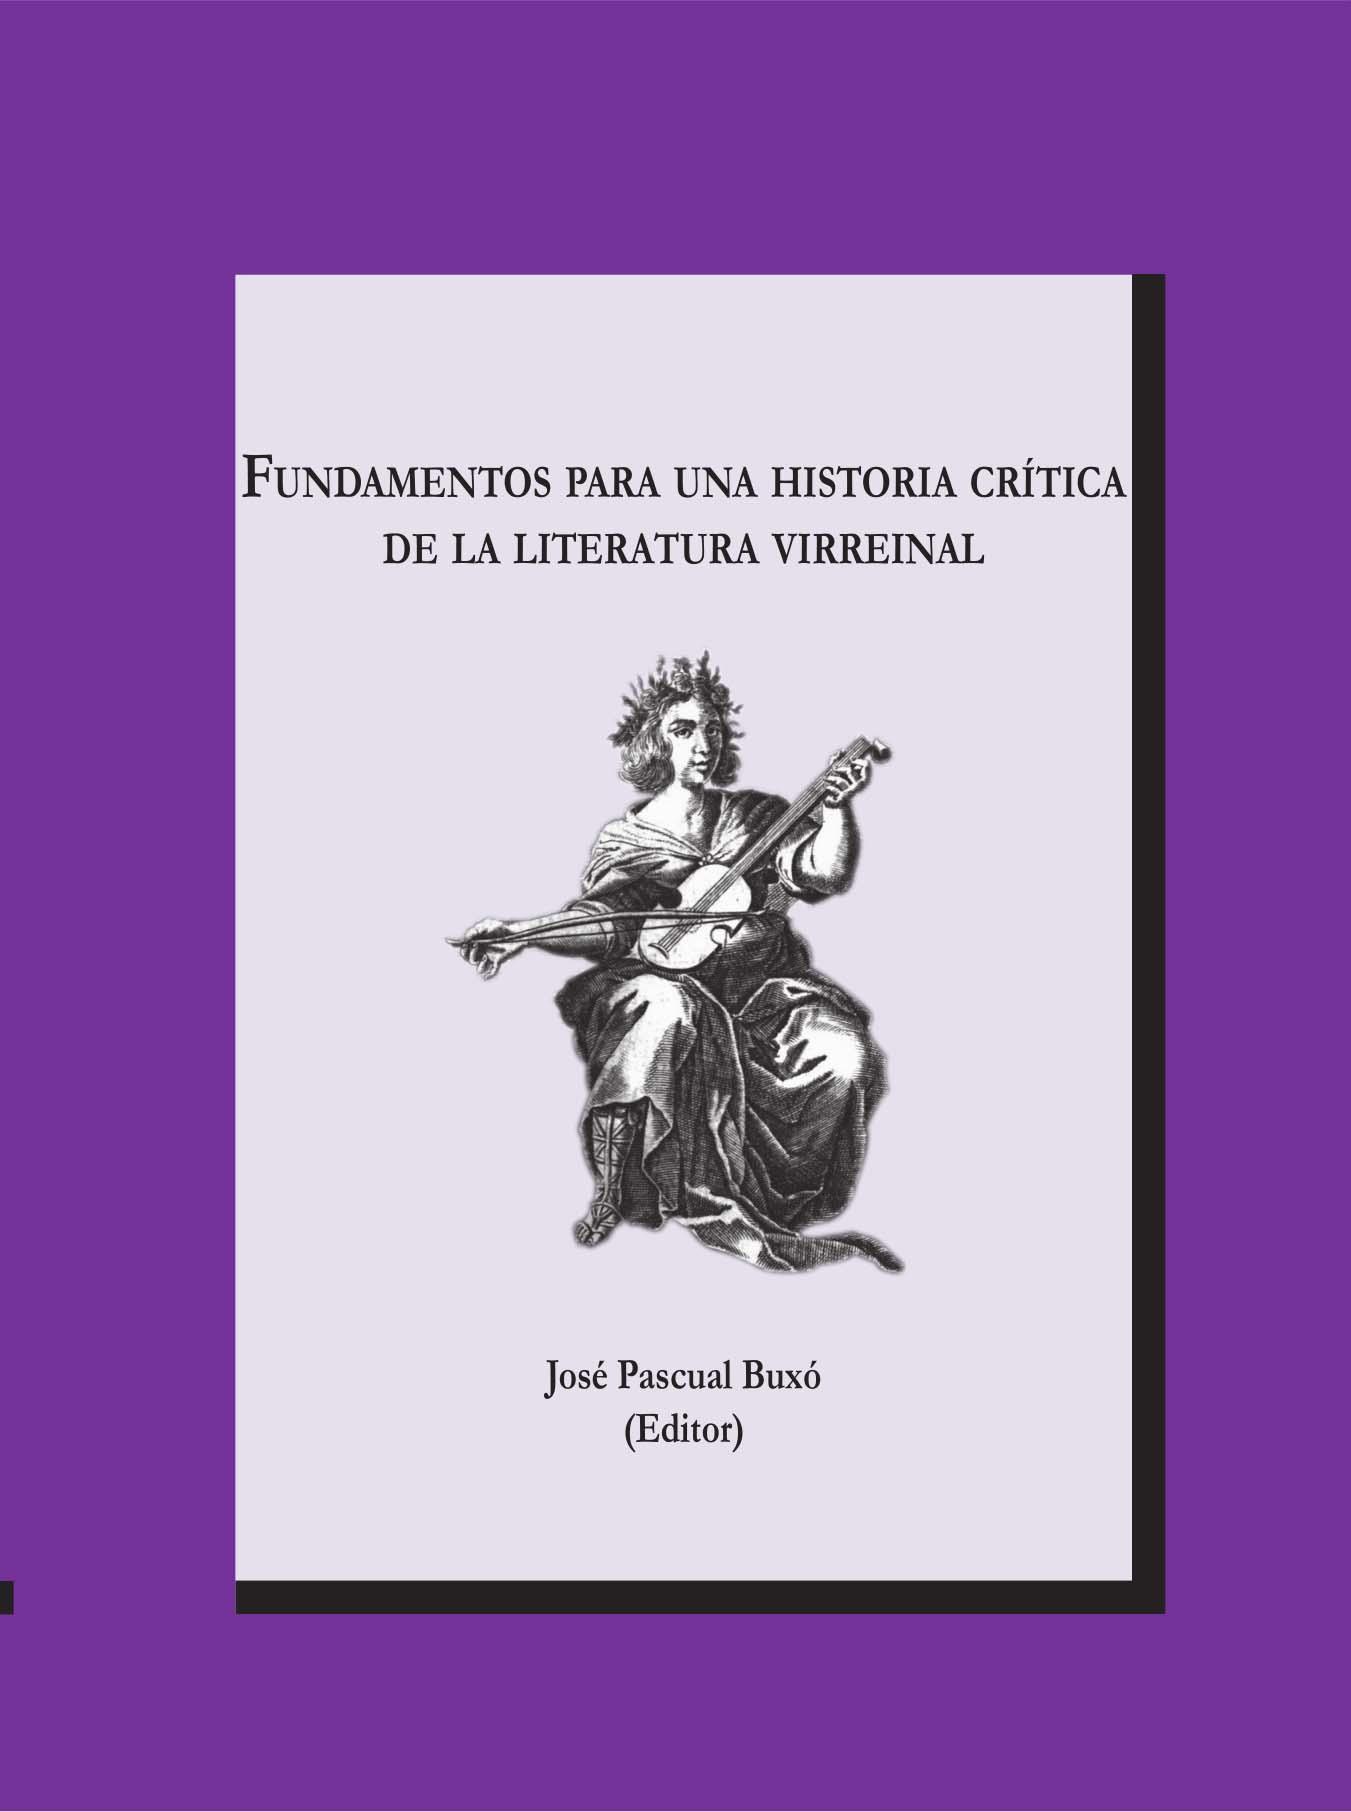 Fundamentos para una historia crítica de la literatura virreinal